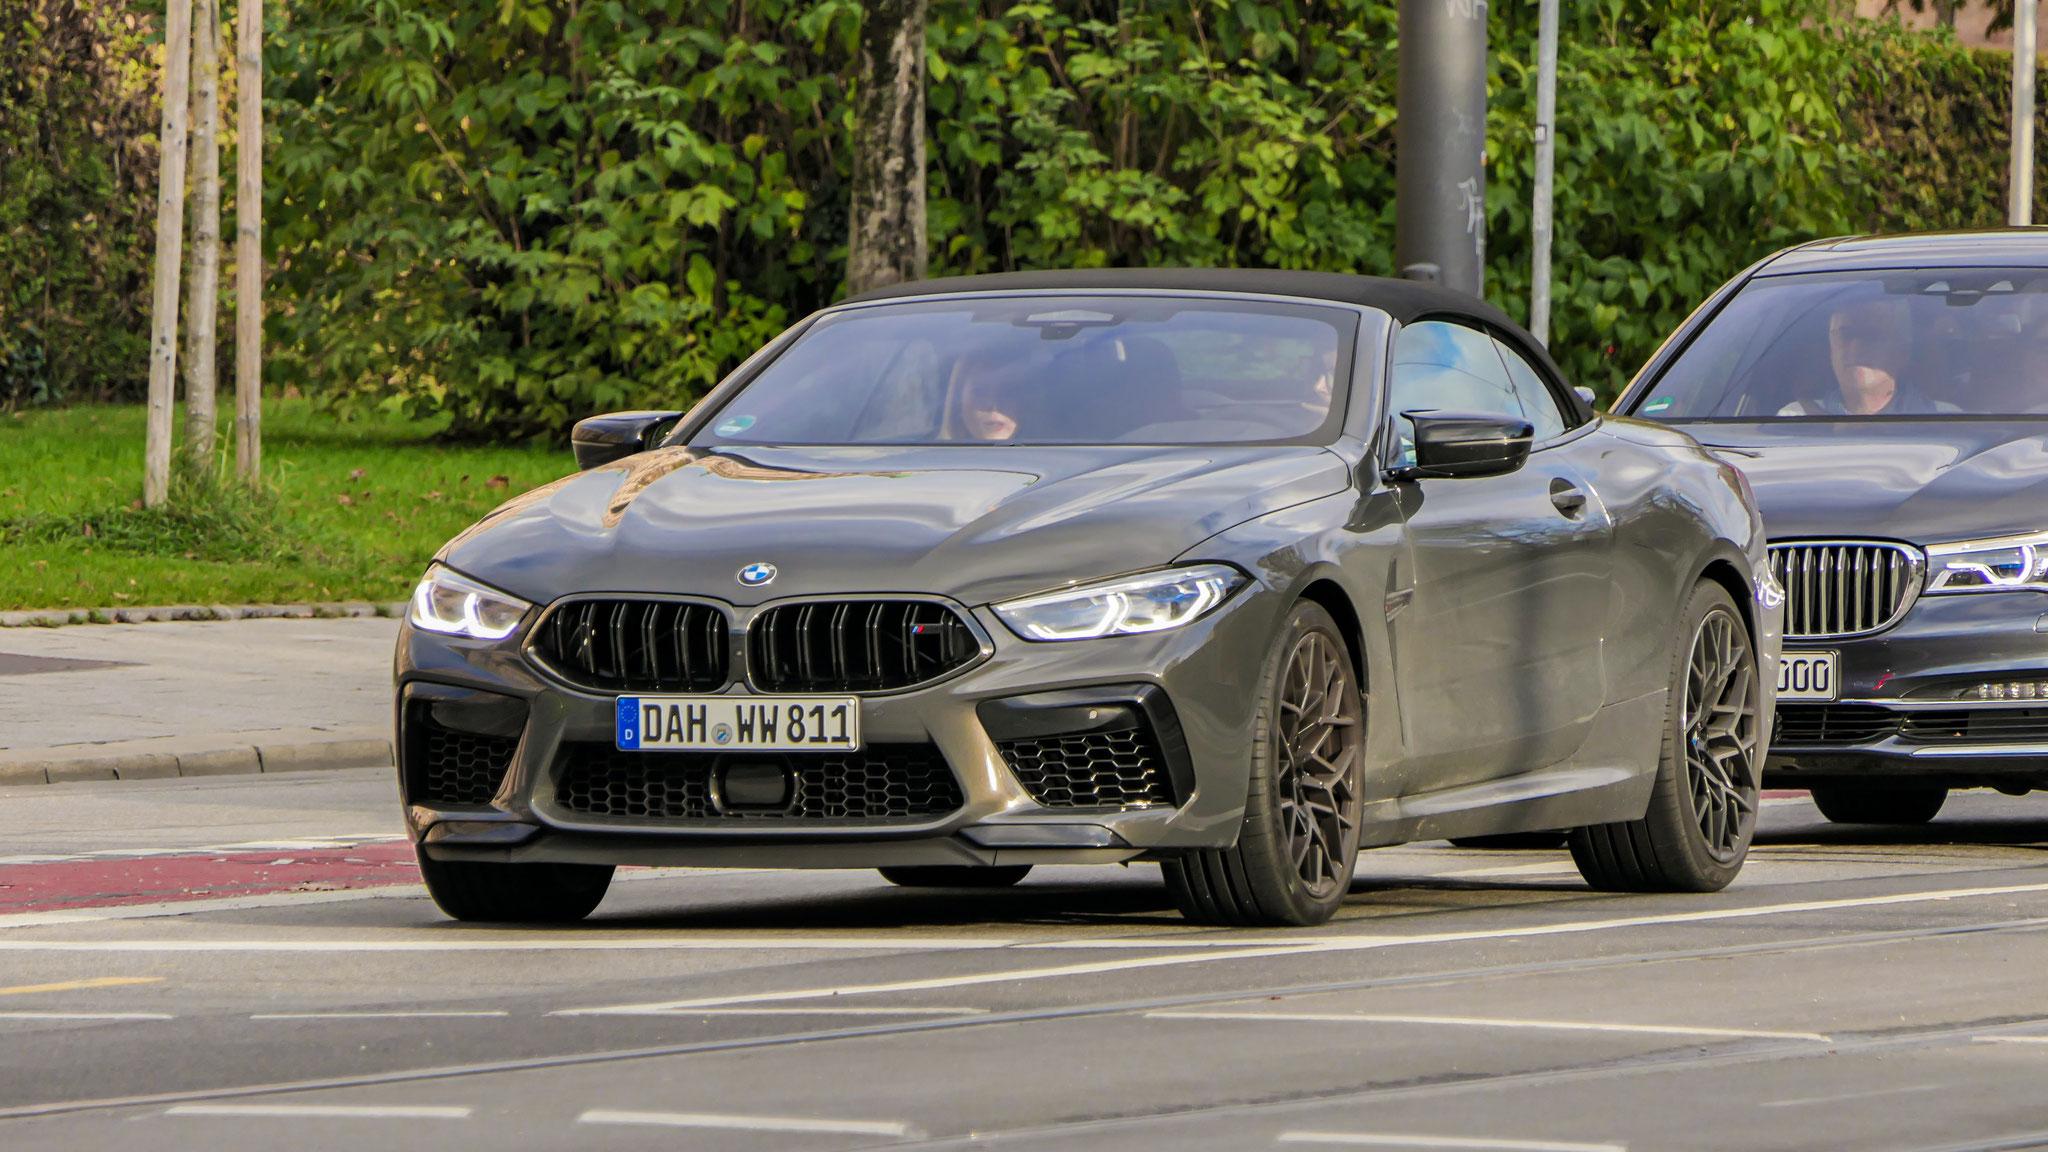 BMW M8 Competition Cabrio - DAH-WW-811